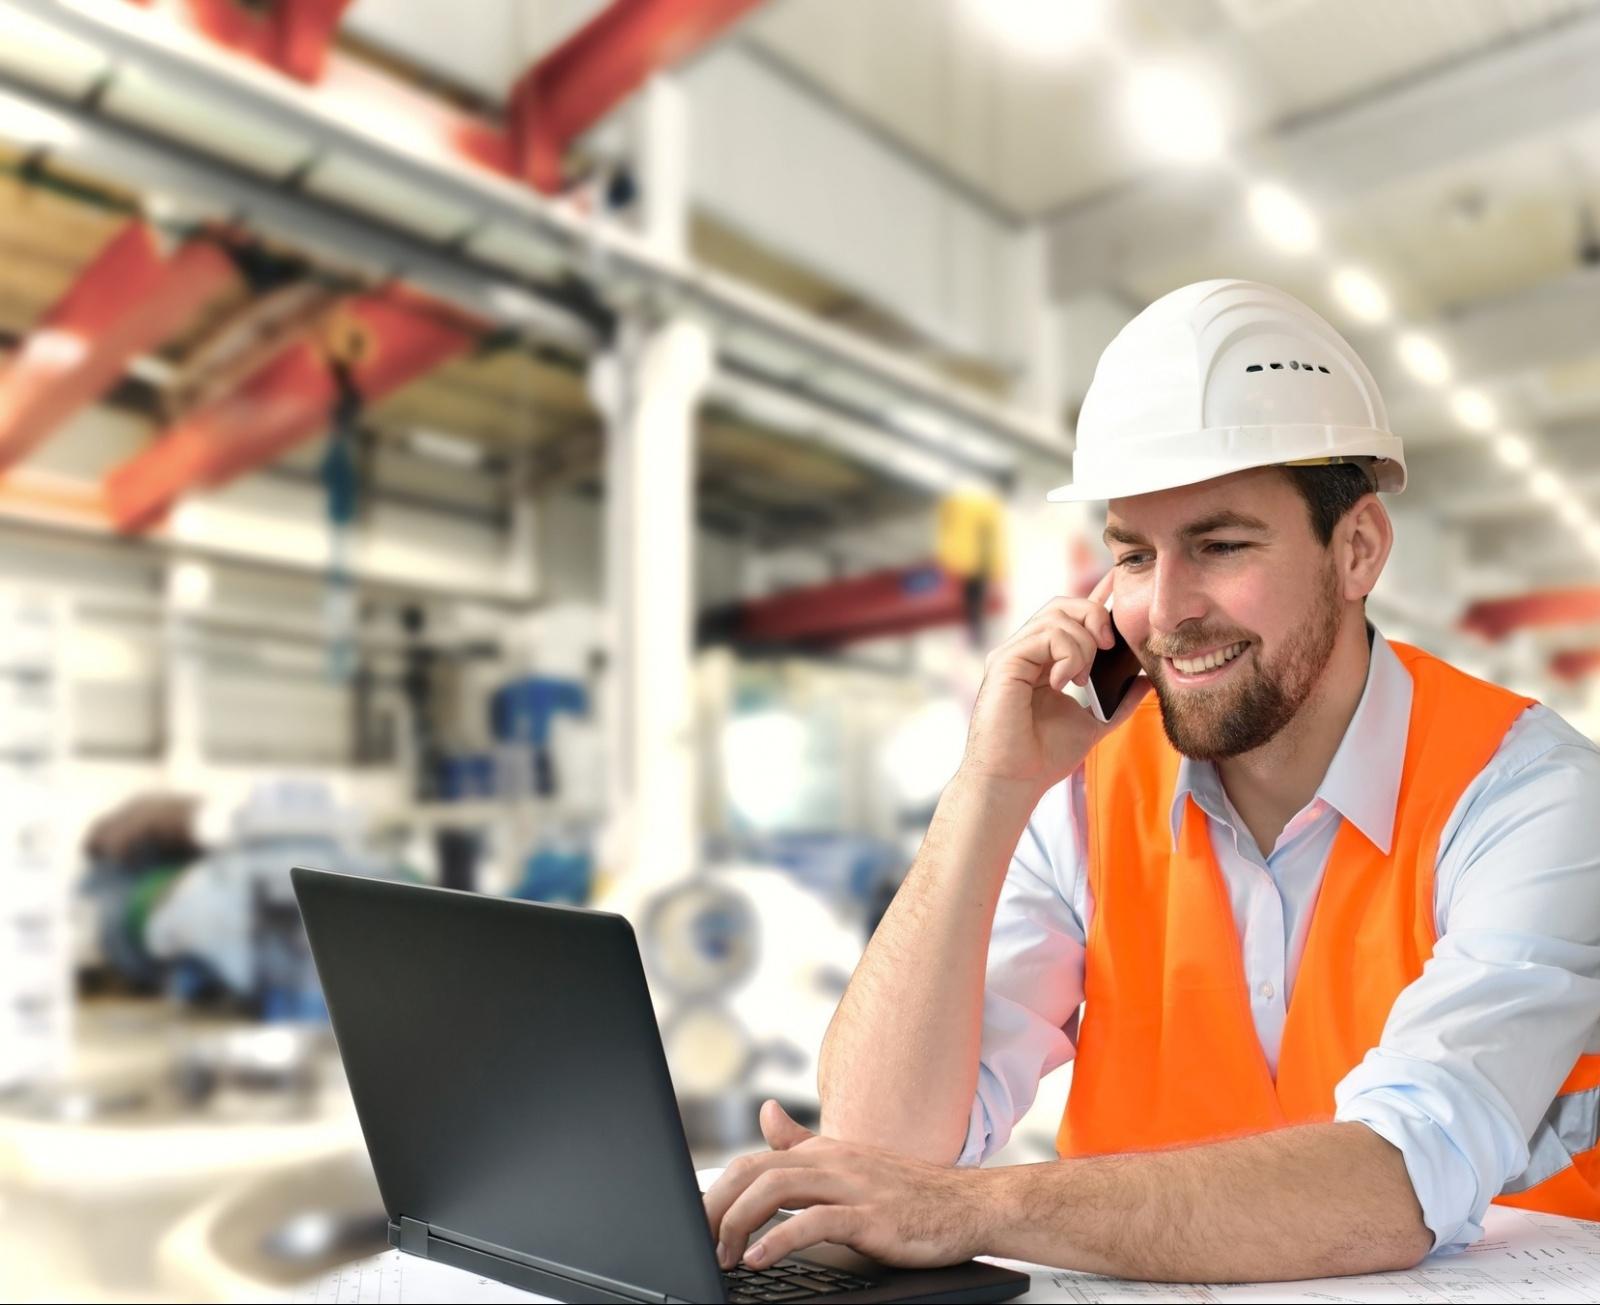 Stadler + Schaaf - Jobangebot - Bauleiter (gn*) im Bereich EMSR-Technik